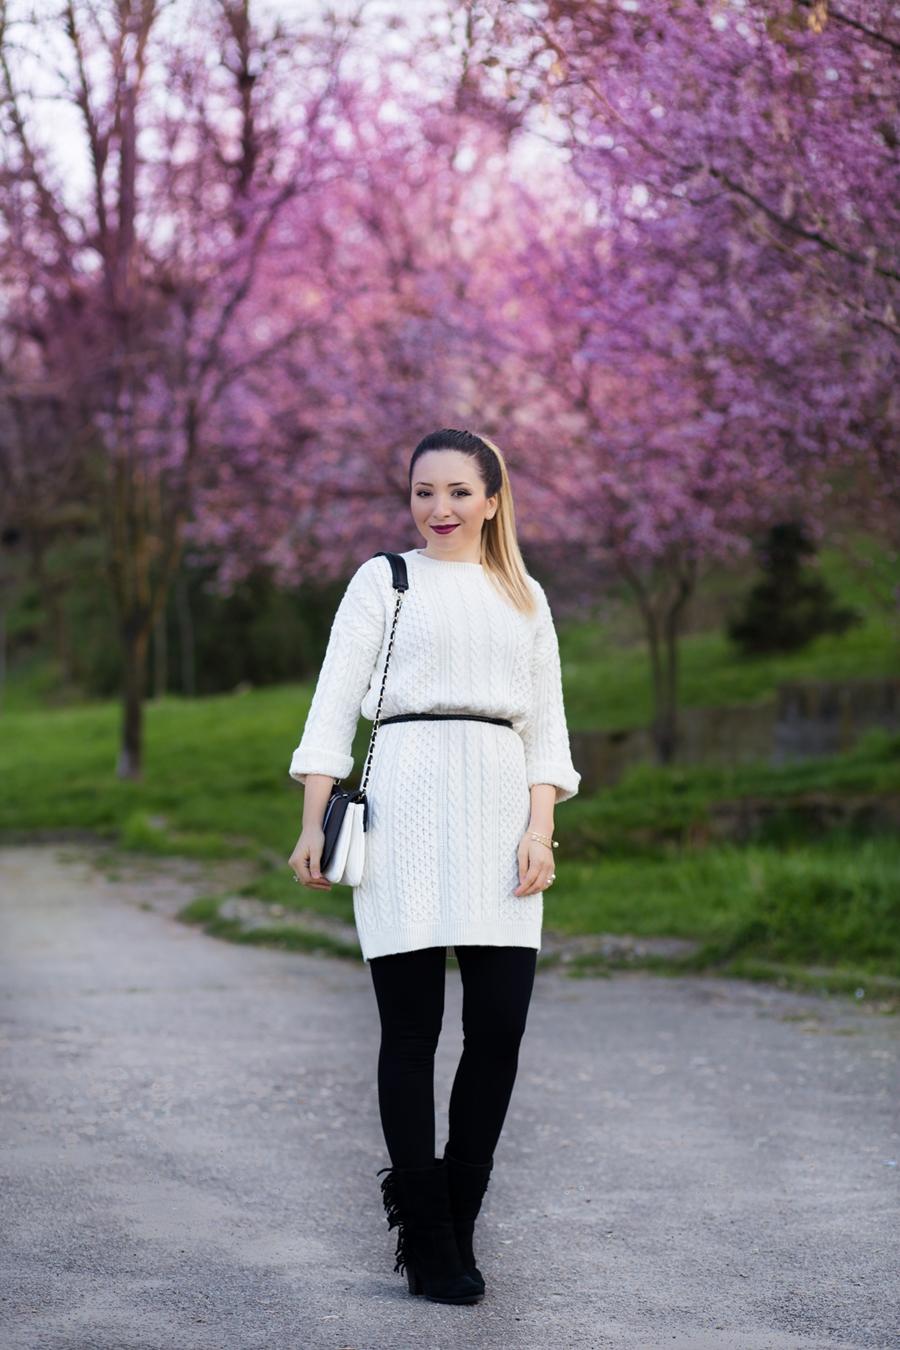 Andreea Ristea - tinuta alb negru Cum purtam rochia tricotata primavara?